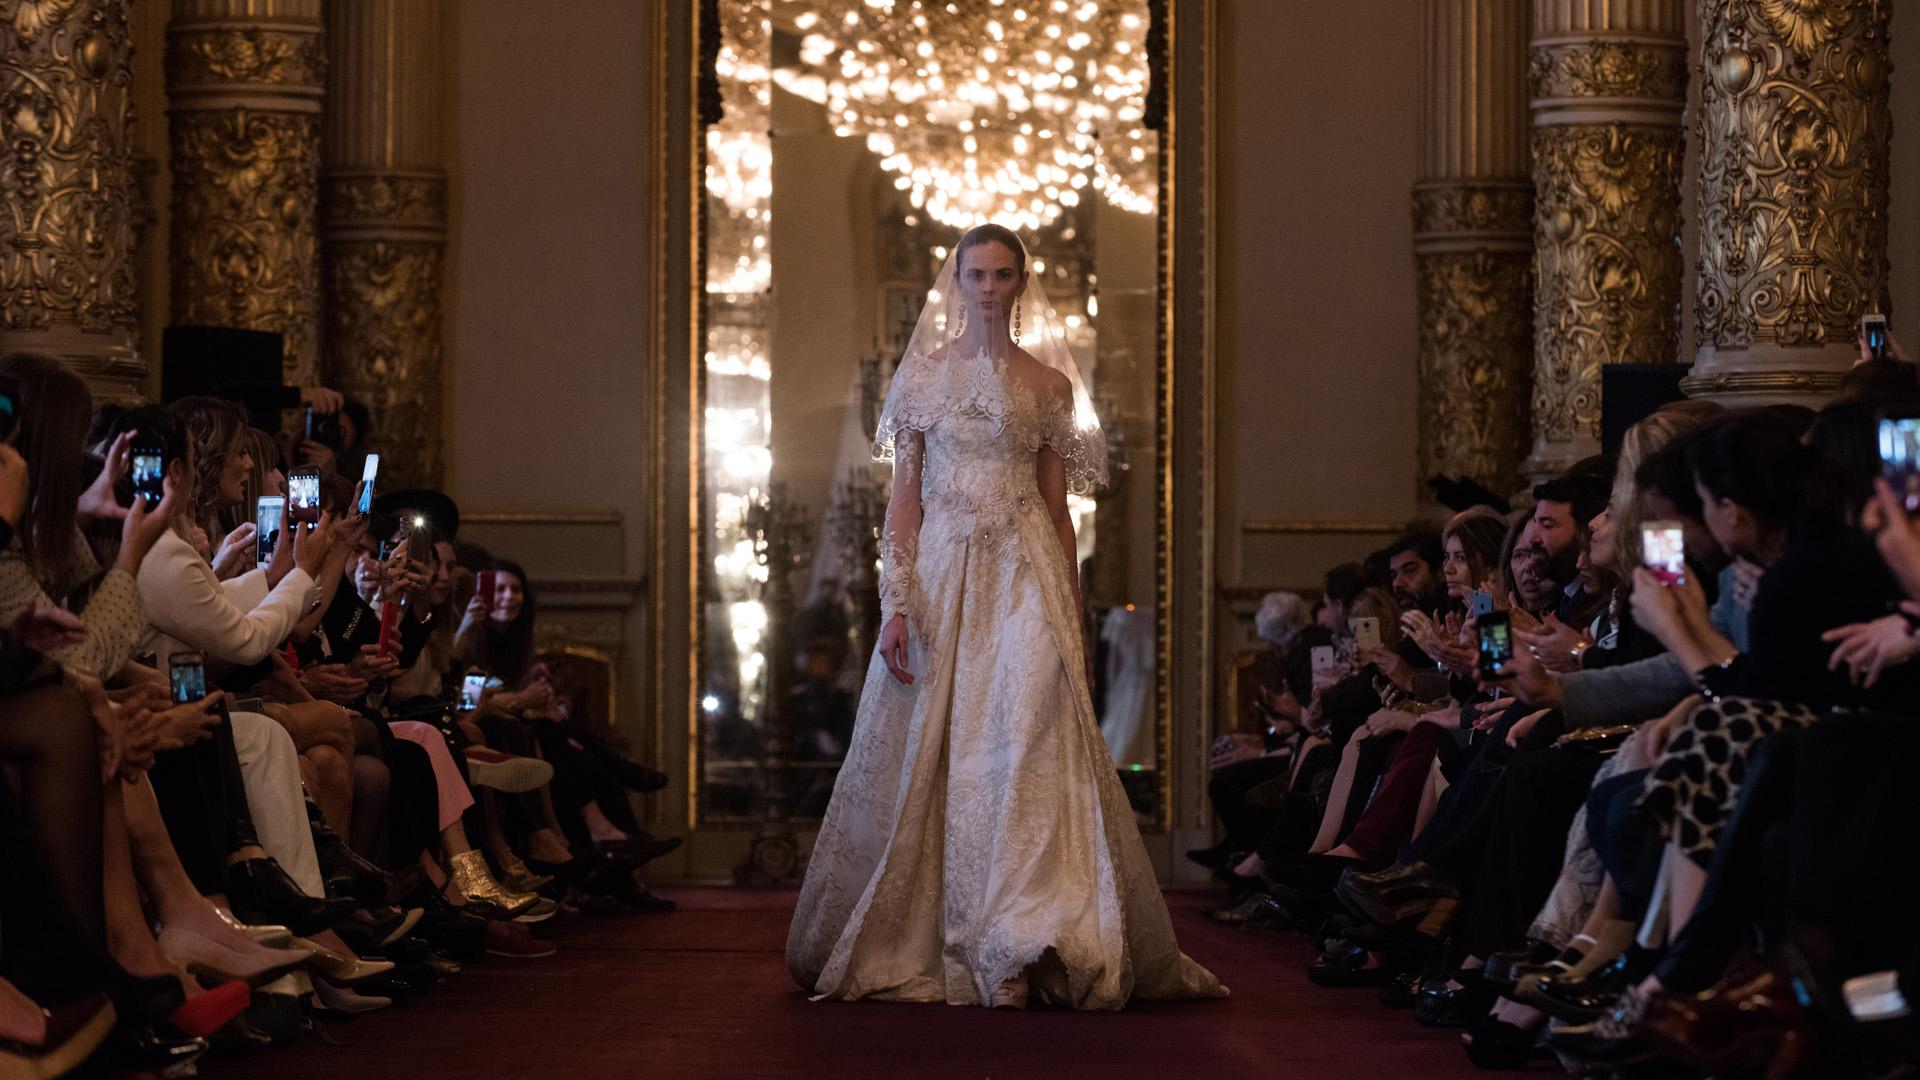 Vestido de novia color marfil, semi-armado en encaje rebrode francés, con escote asimétrico, mangas transparentes y detalles de bordados de flores y strass plata